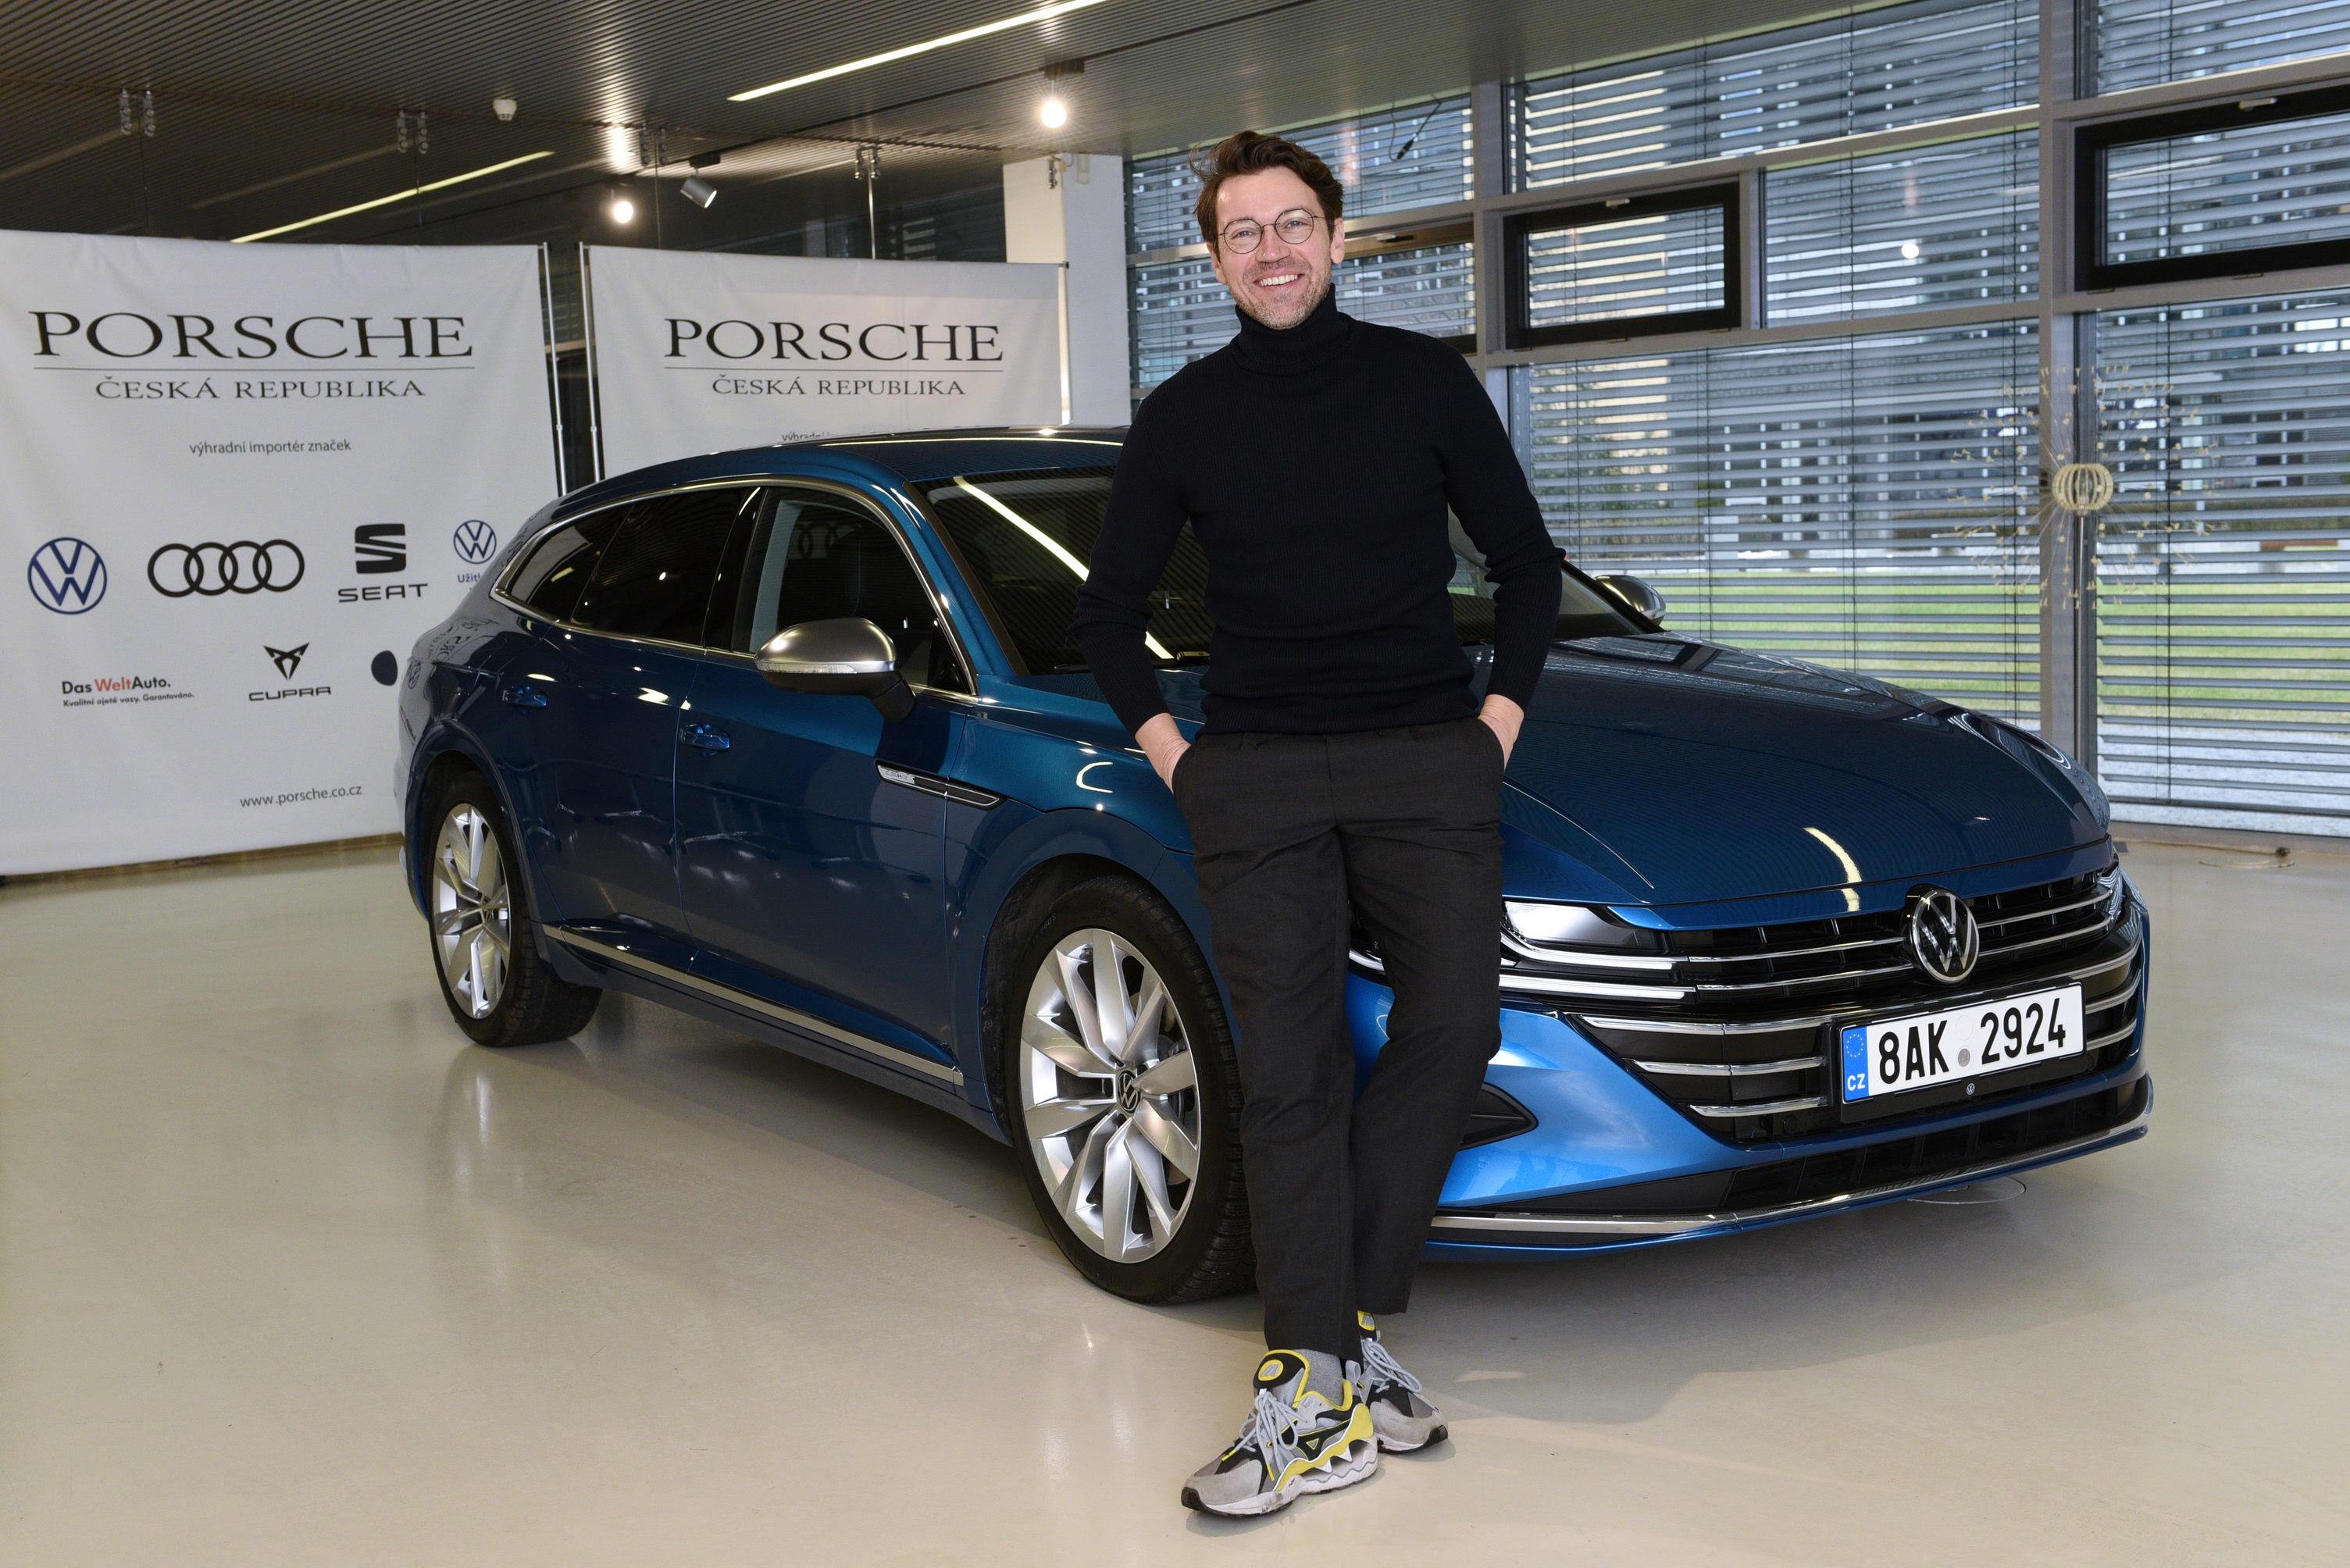 Lukáš Hejlík mapuje gastronomickou scénu v ČR za volantem vozu Volkswagen